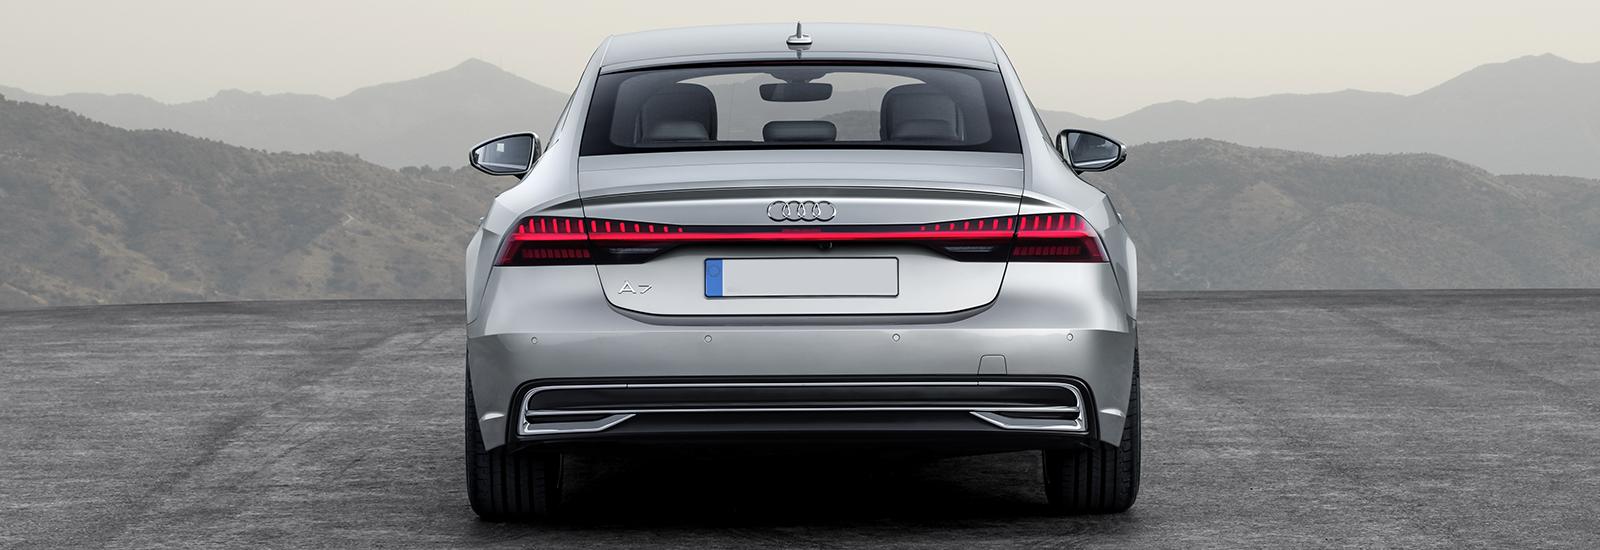 Image Result For Audi A Sportback Emissions